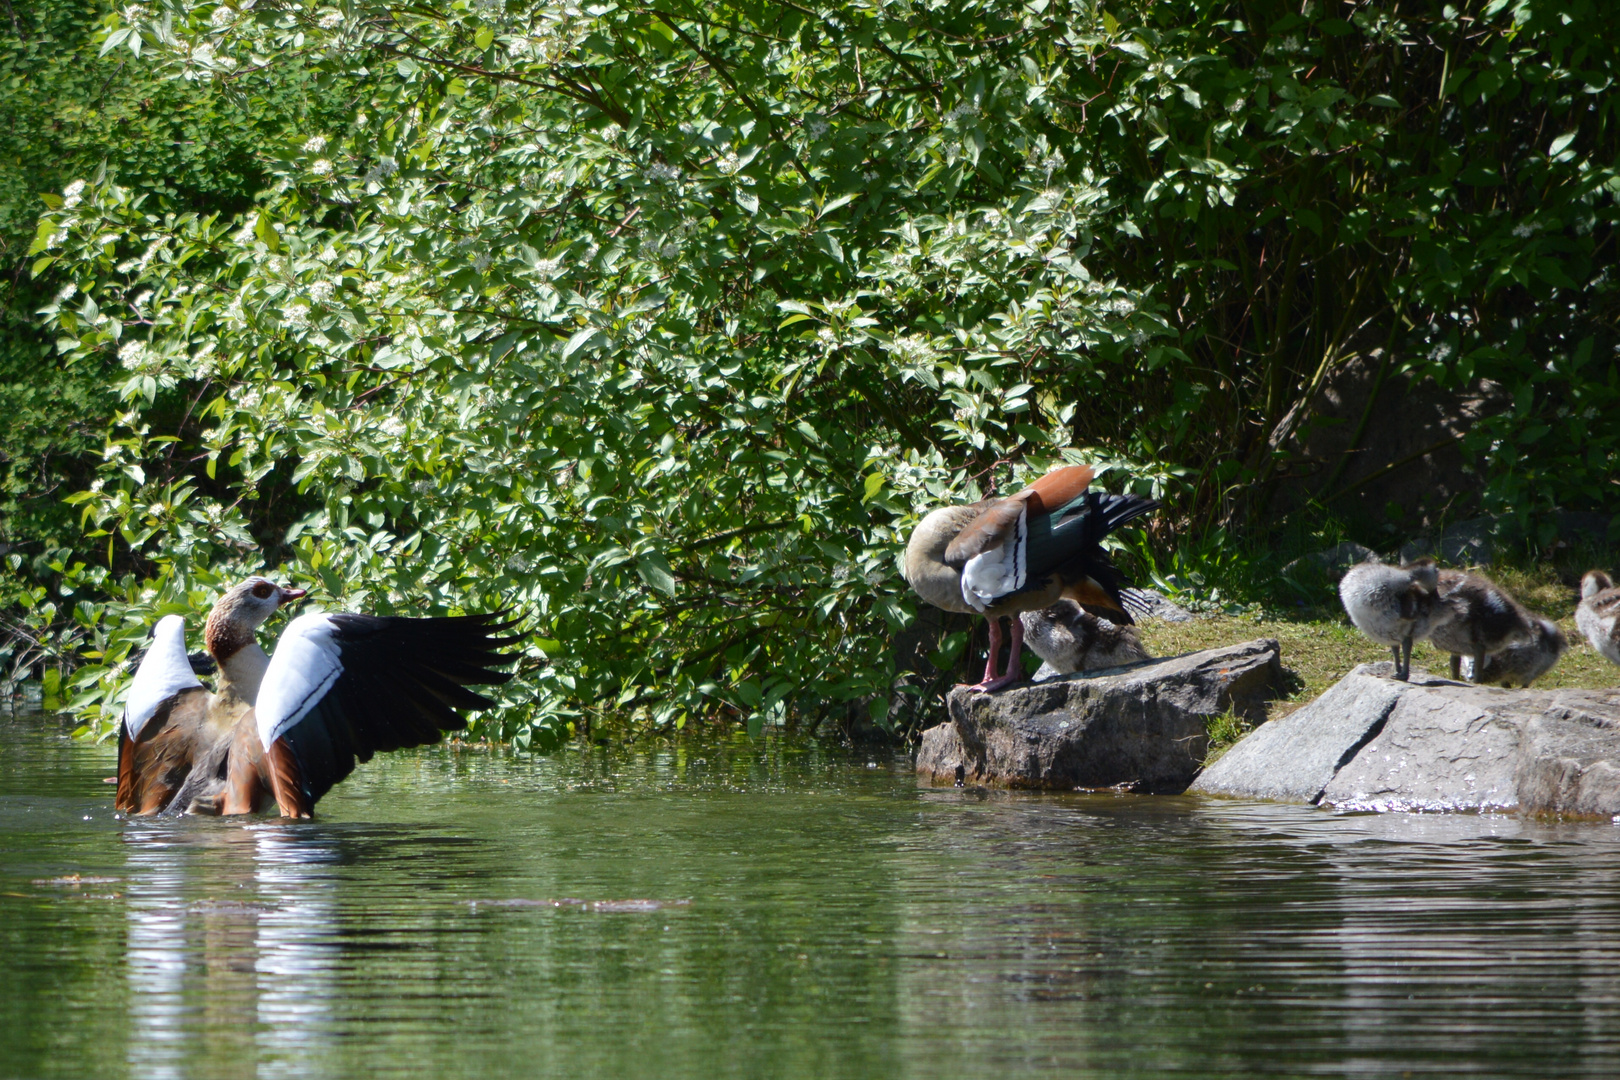 Nilgänse im Teich